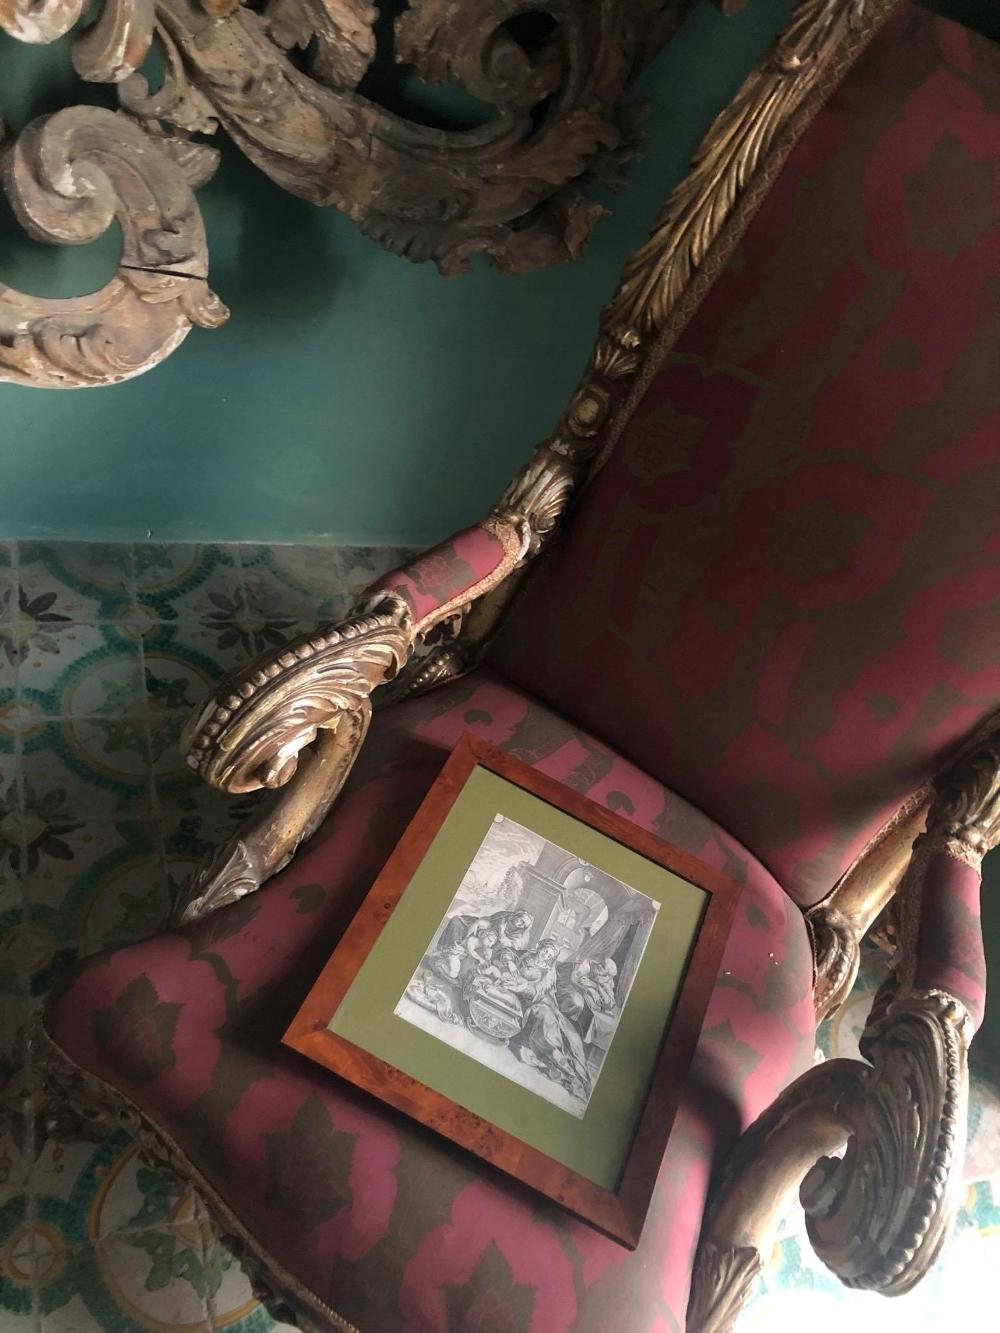 rocaille-blog-villa-valguarnera-bagheria-sicilia-salotto-barocco-sala-musica-4